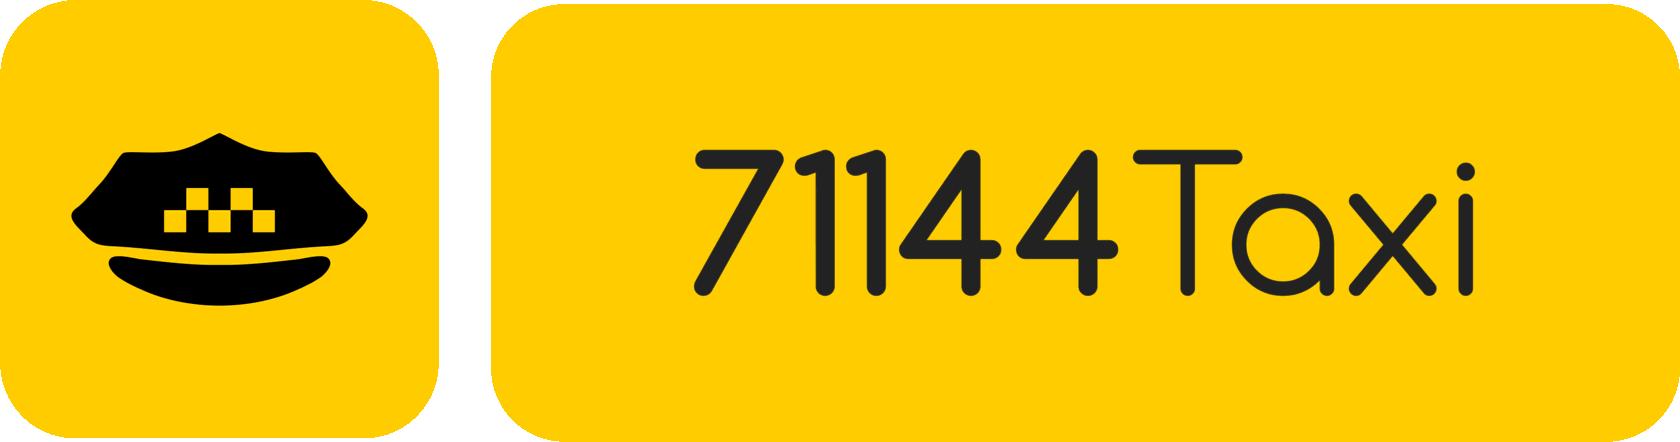 71144 taxi